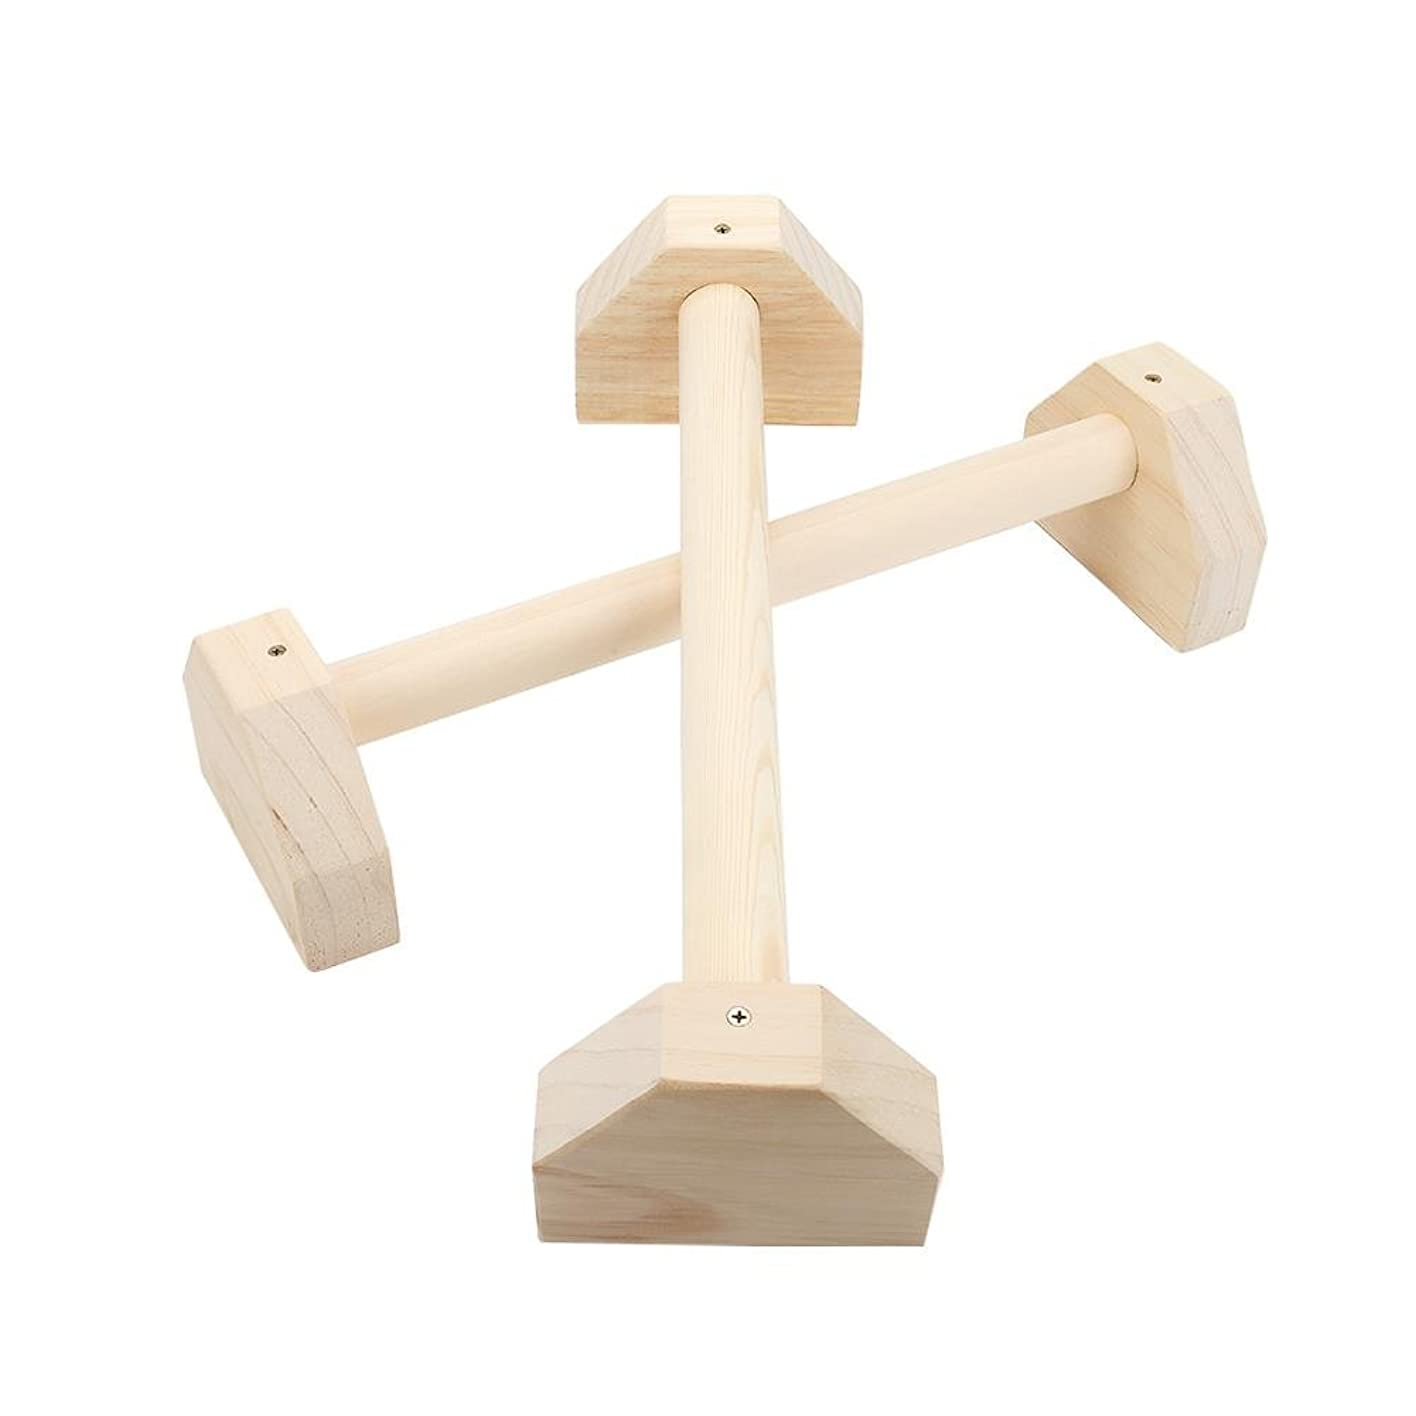 数値飼い慣らす大工ロシア 倒立バー 体操 フィットネス プッシュアップ 逆スタンド 木製平行棒 腹筋ローラー 大胸筋 腹筋 筋トレ 肉体改造 腕立てスタンド 2サイズ可選